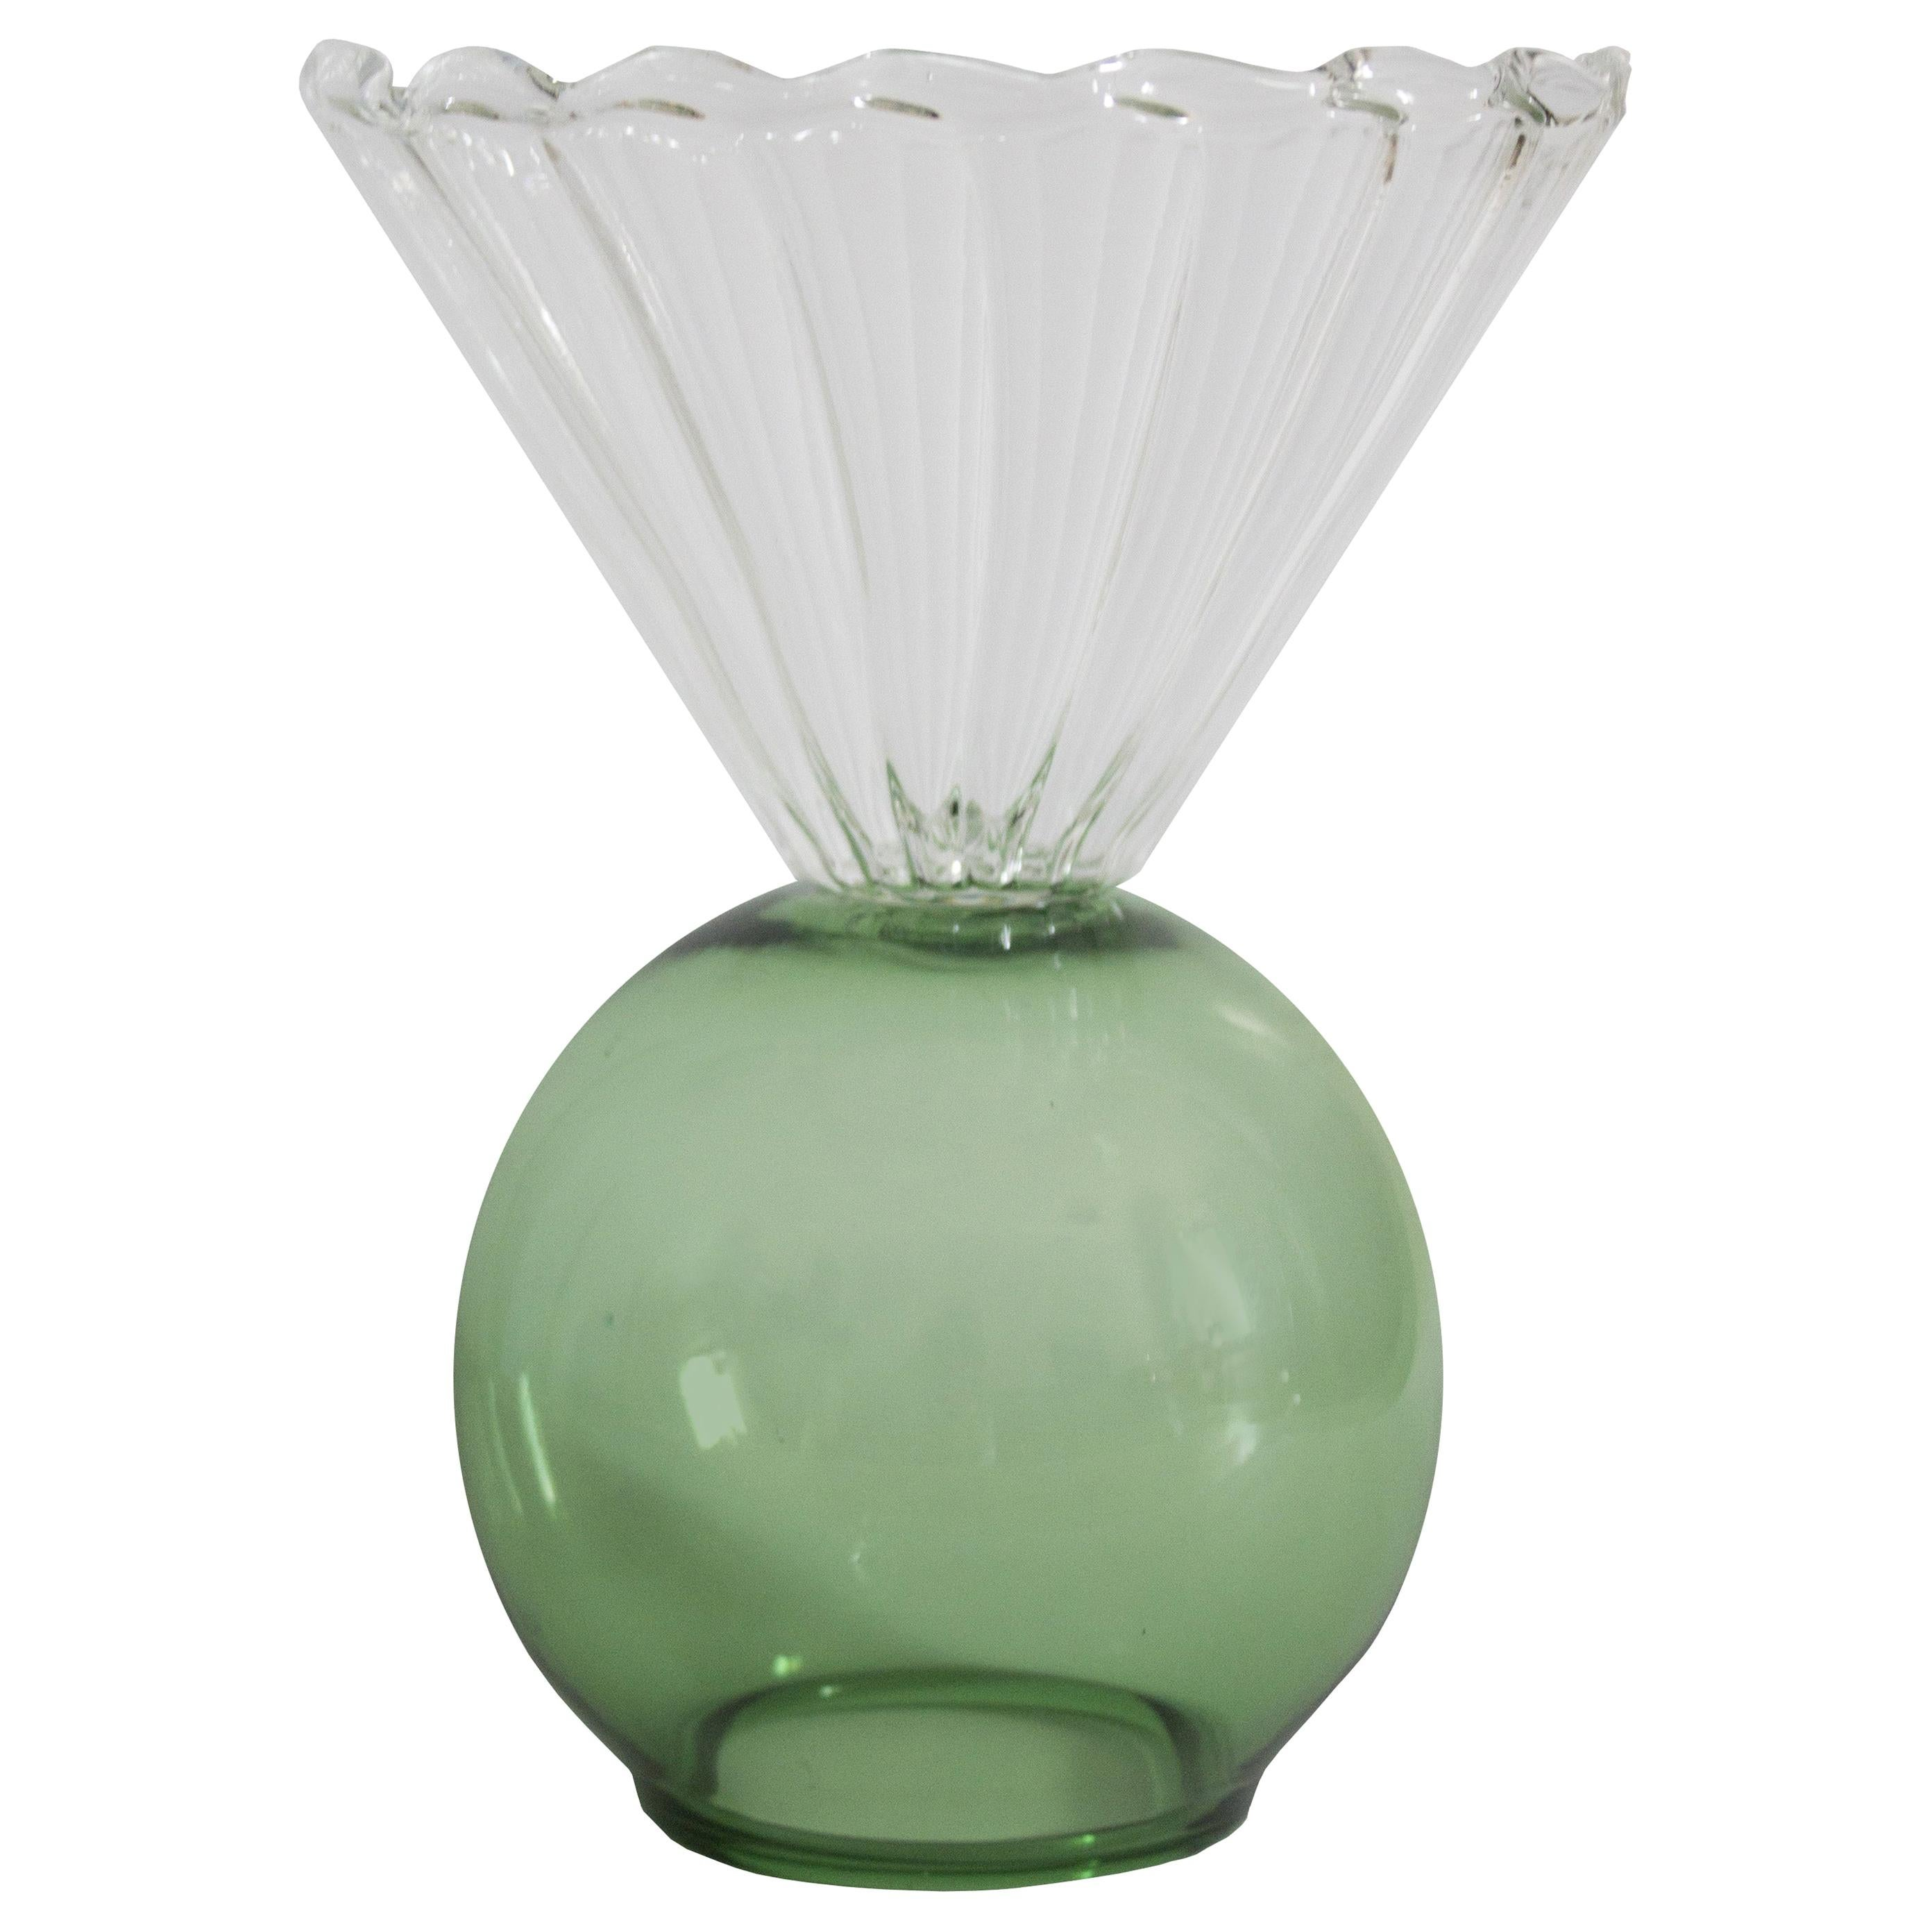 Crystal Green Cup Vase by Natalia Criado